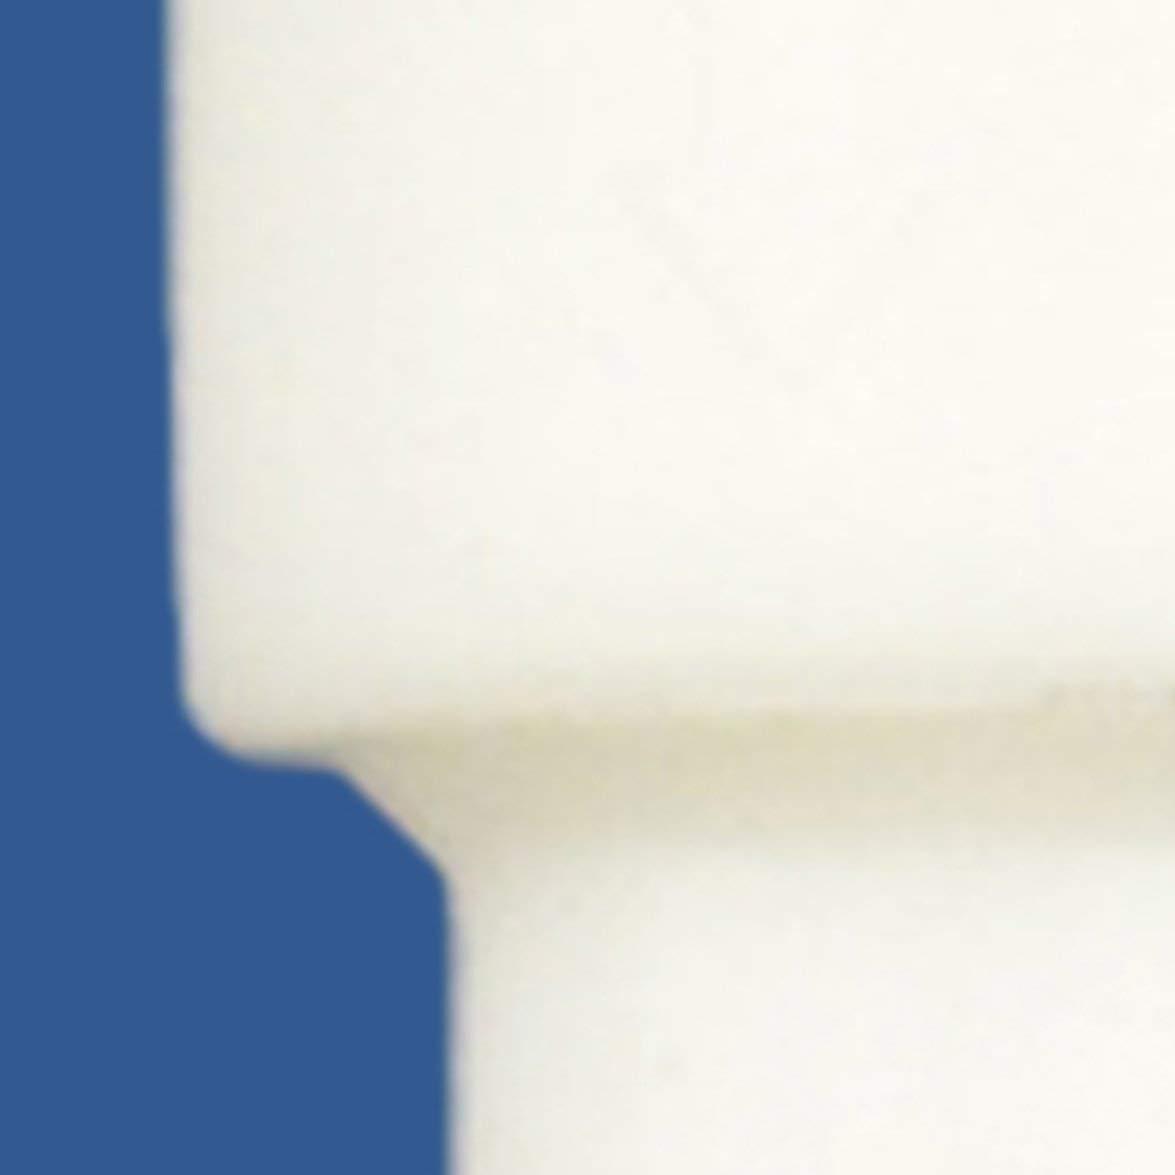 Valvola di ritegno in plastica resistente alla pressione valvola di ritegno valvola di ritegno anti-ozono valvola di ritegno resistente allolio Bianca